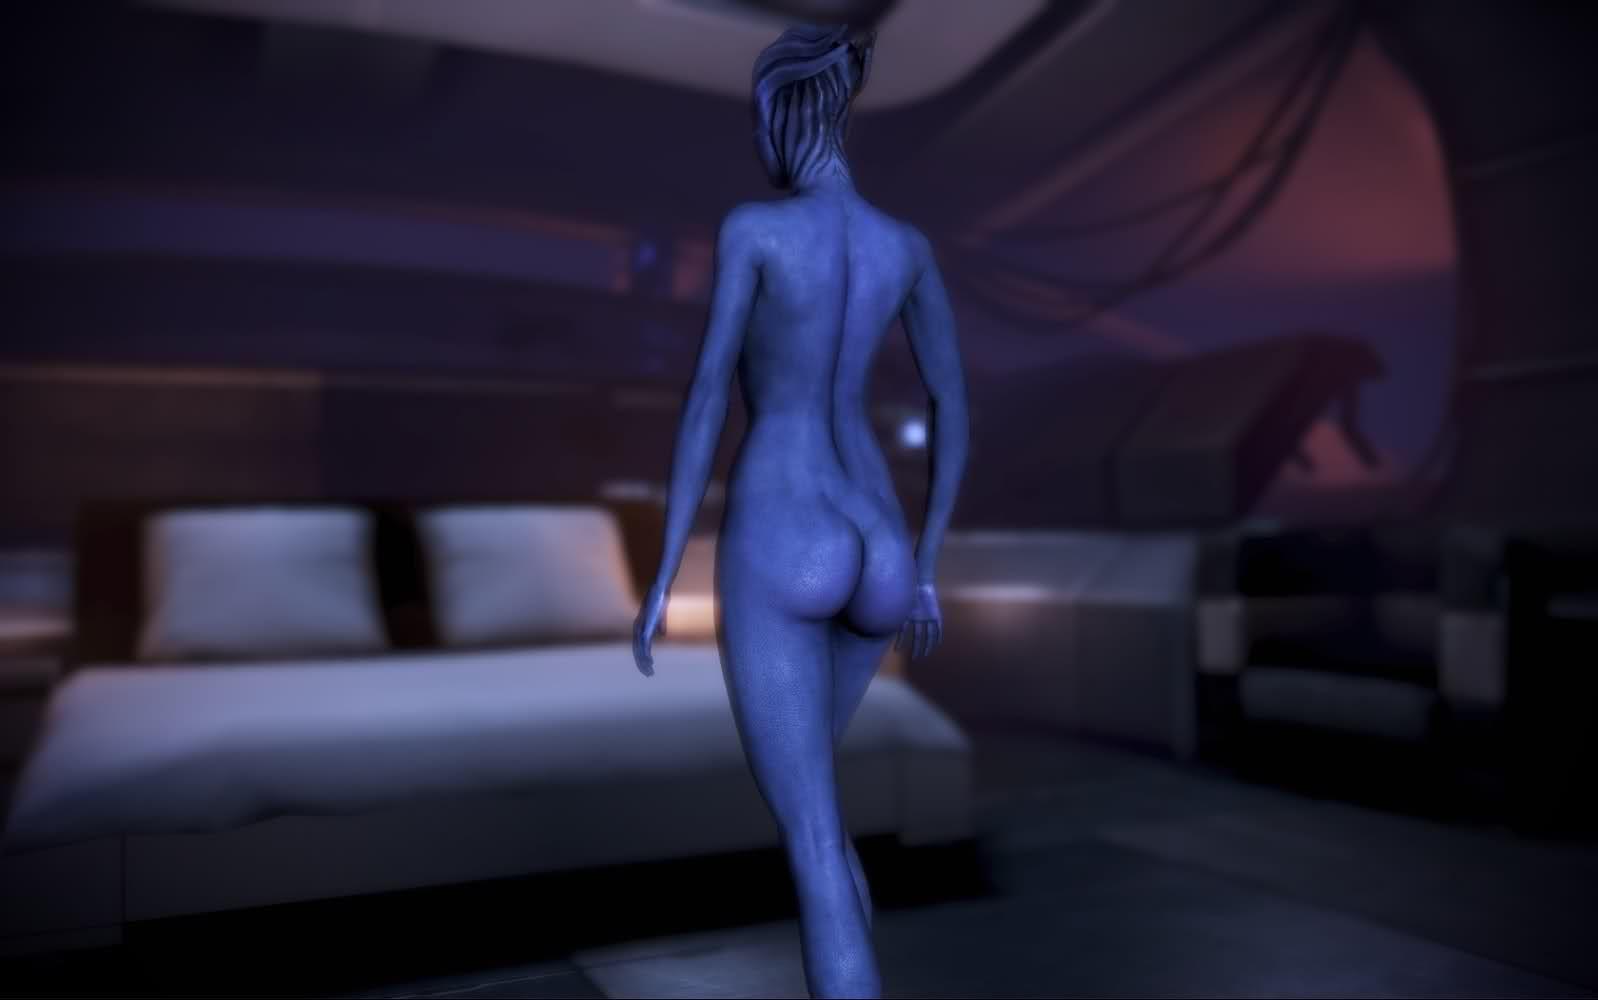 Amisha patel nude photo